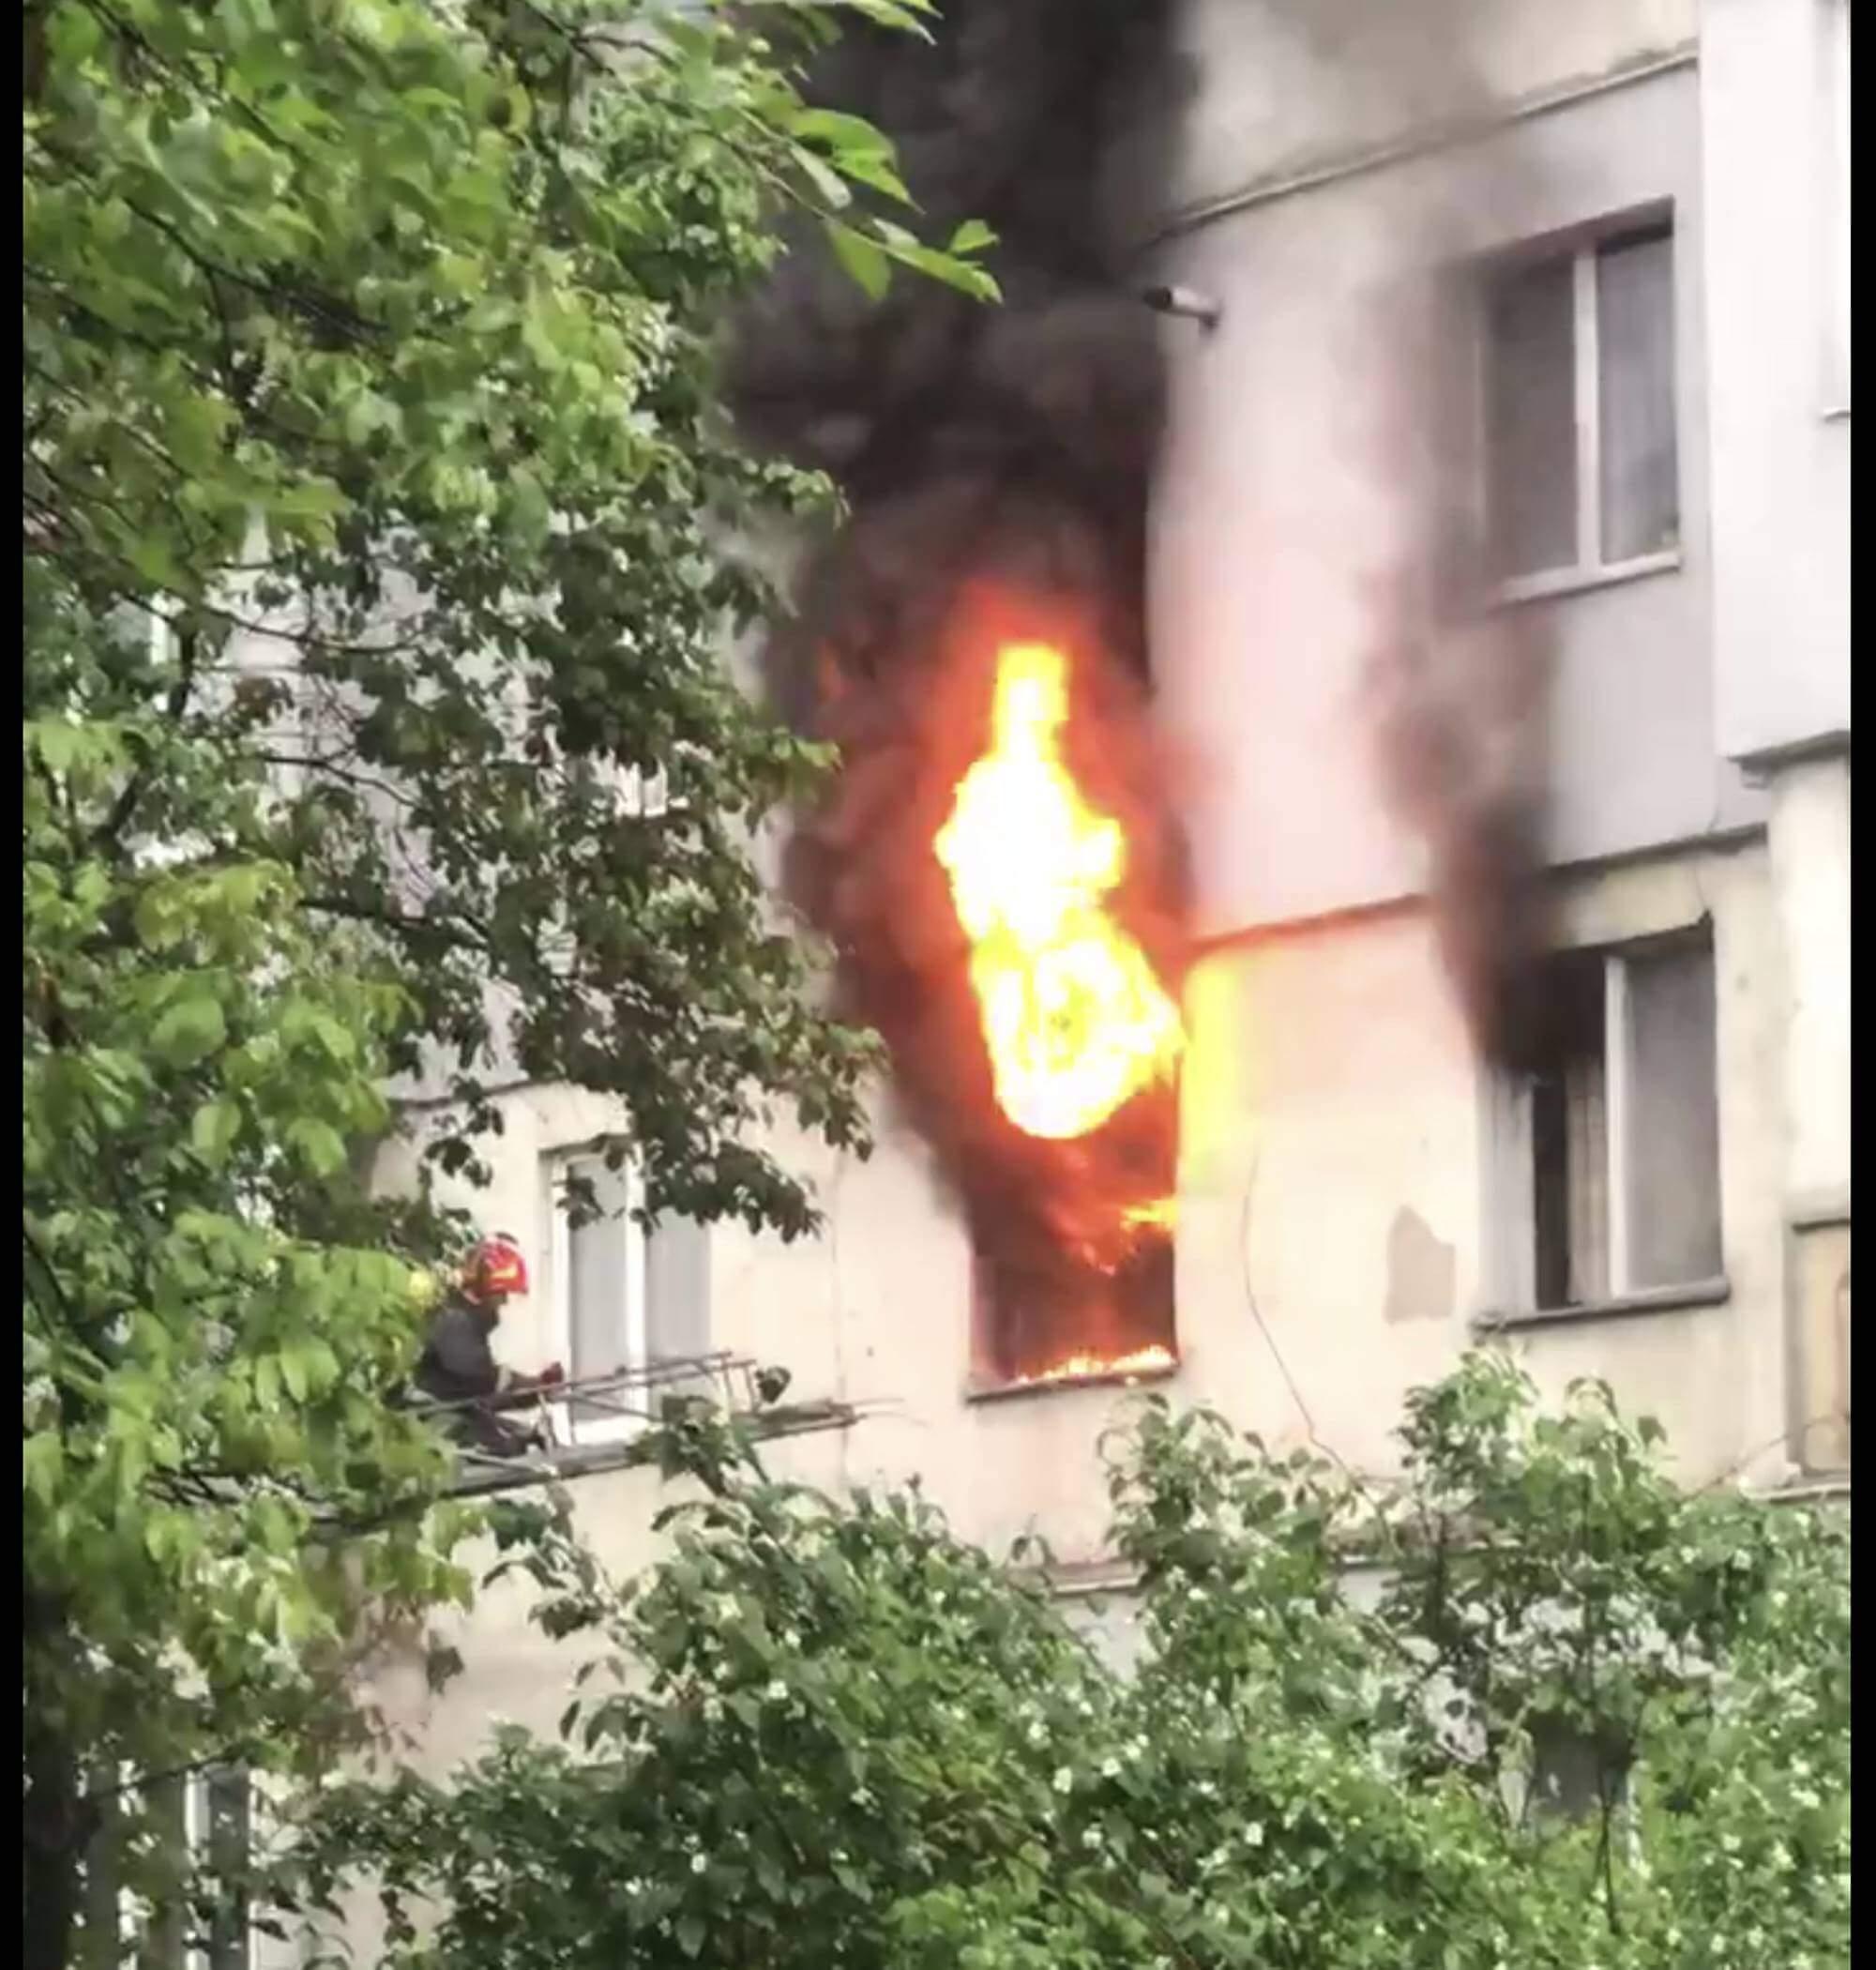 На Вовчинецькій палає квартира в багатоповерхівці – на пожежі врятували жінку (ВІДЕО, ОНОВЛЕНО)